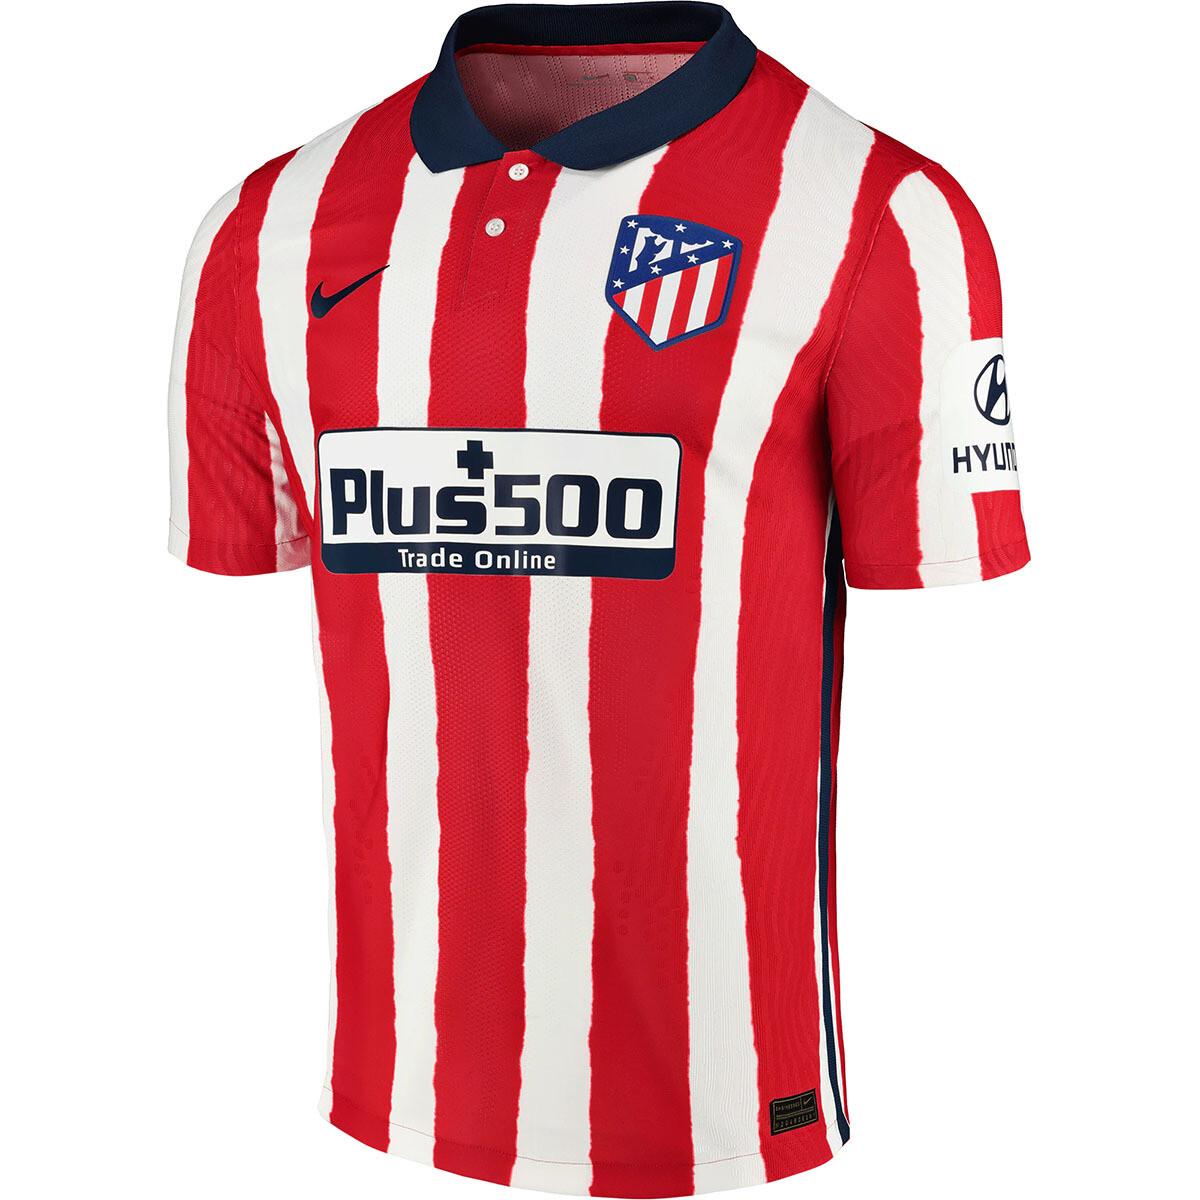 Camisa Nike Atlético de Madrid Home 2020/2021